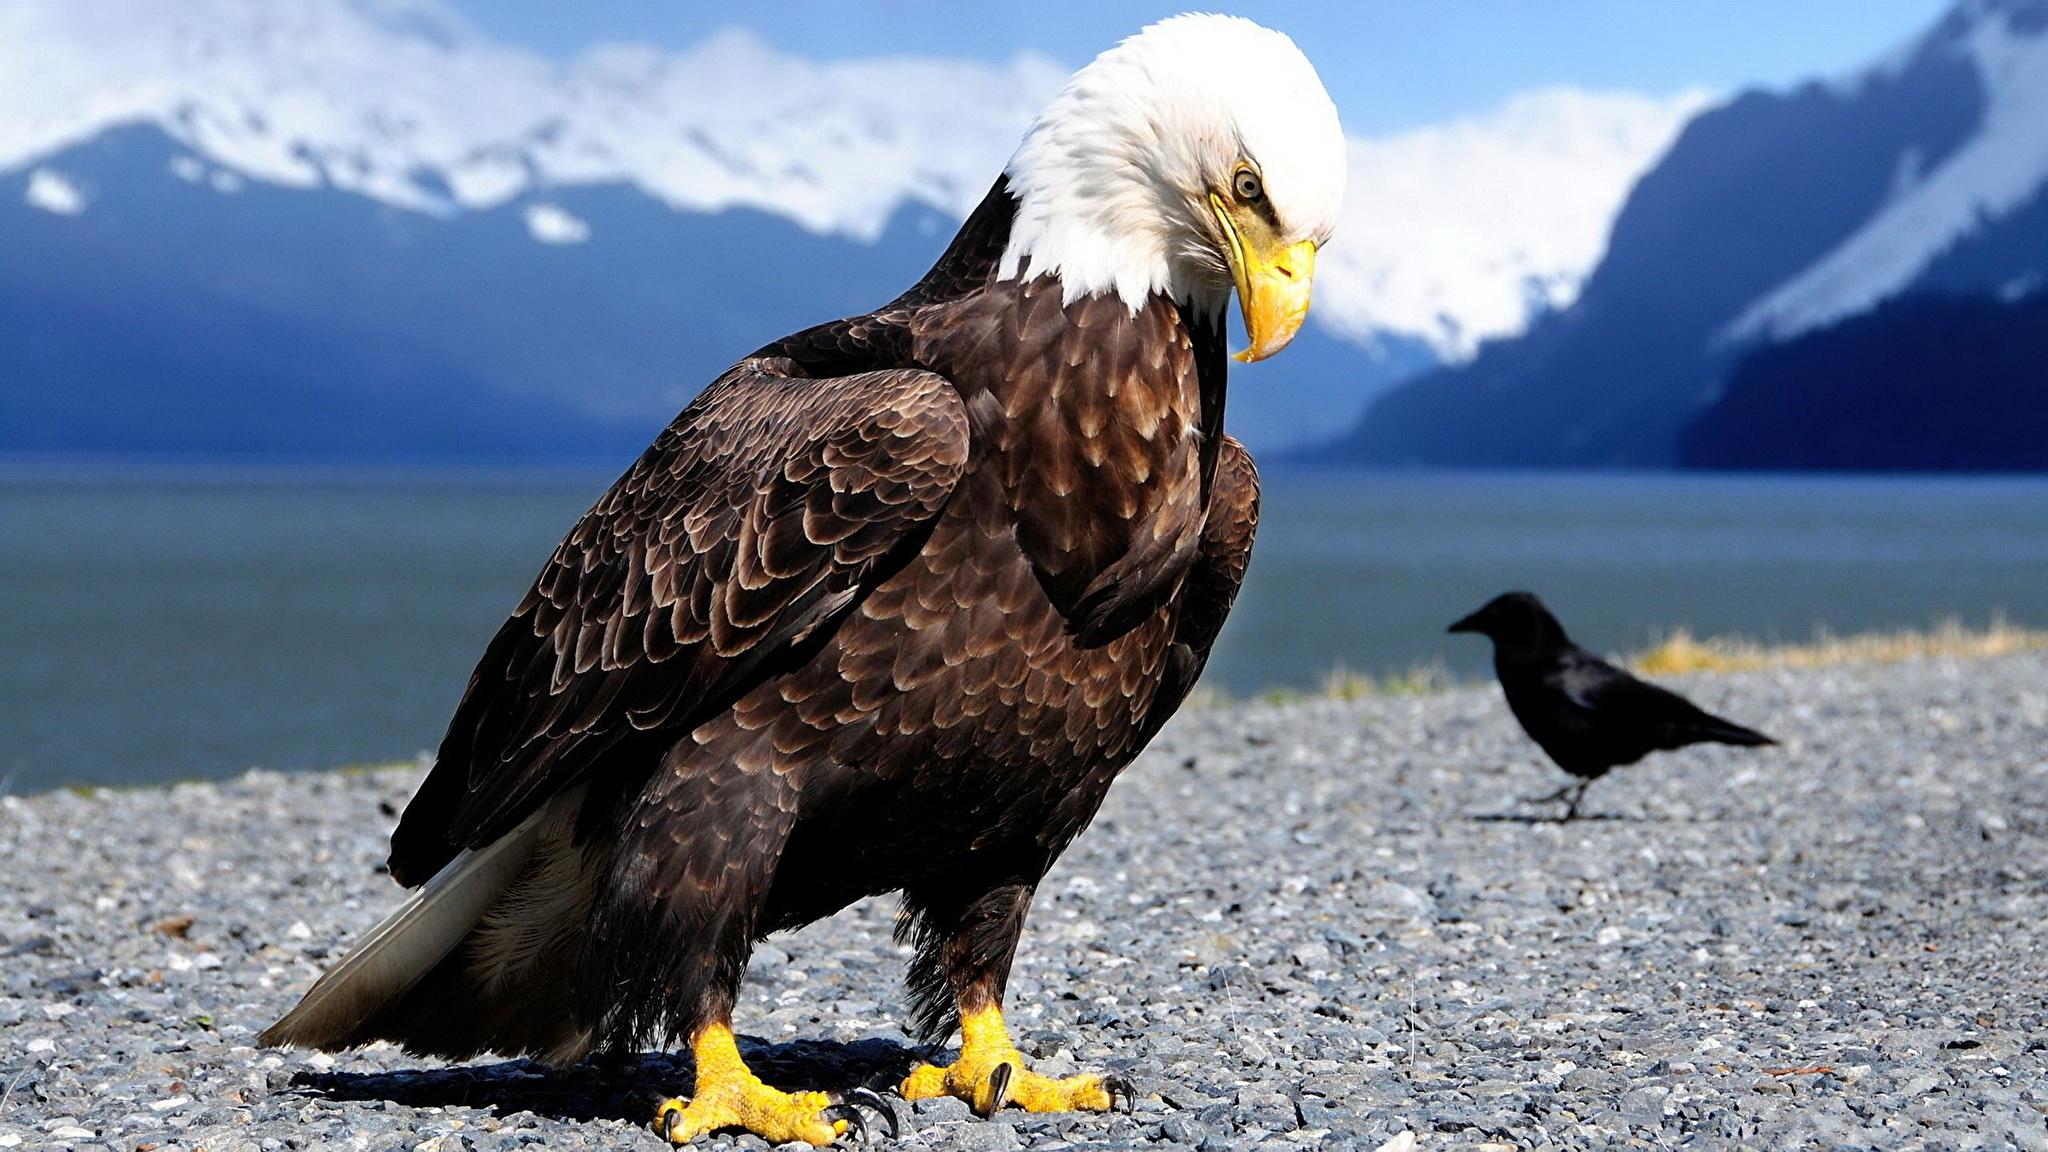 природа животные птица сокол nature animals bird Falcon  № 2993219 бесплатно